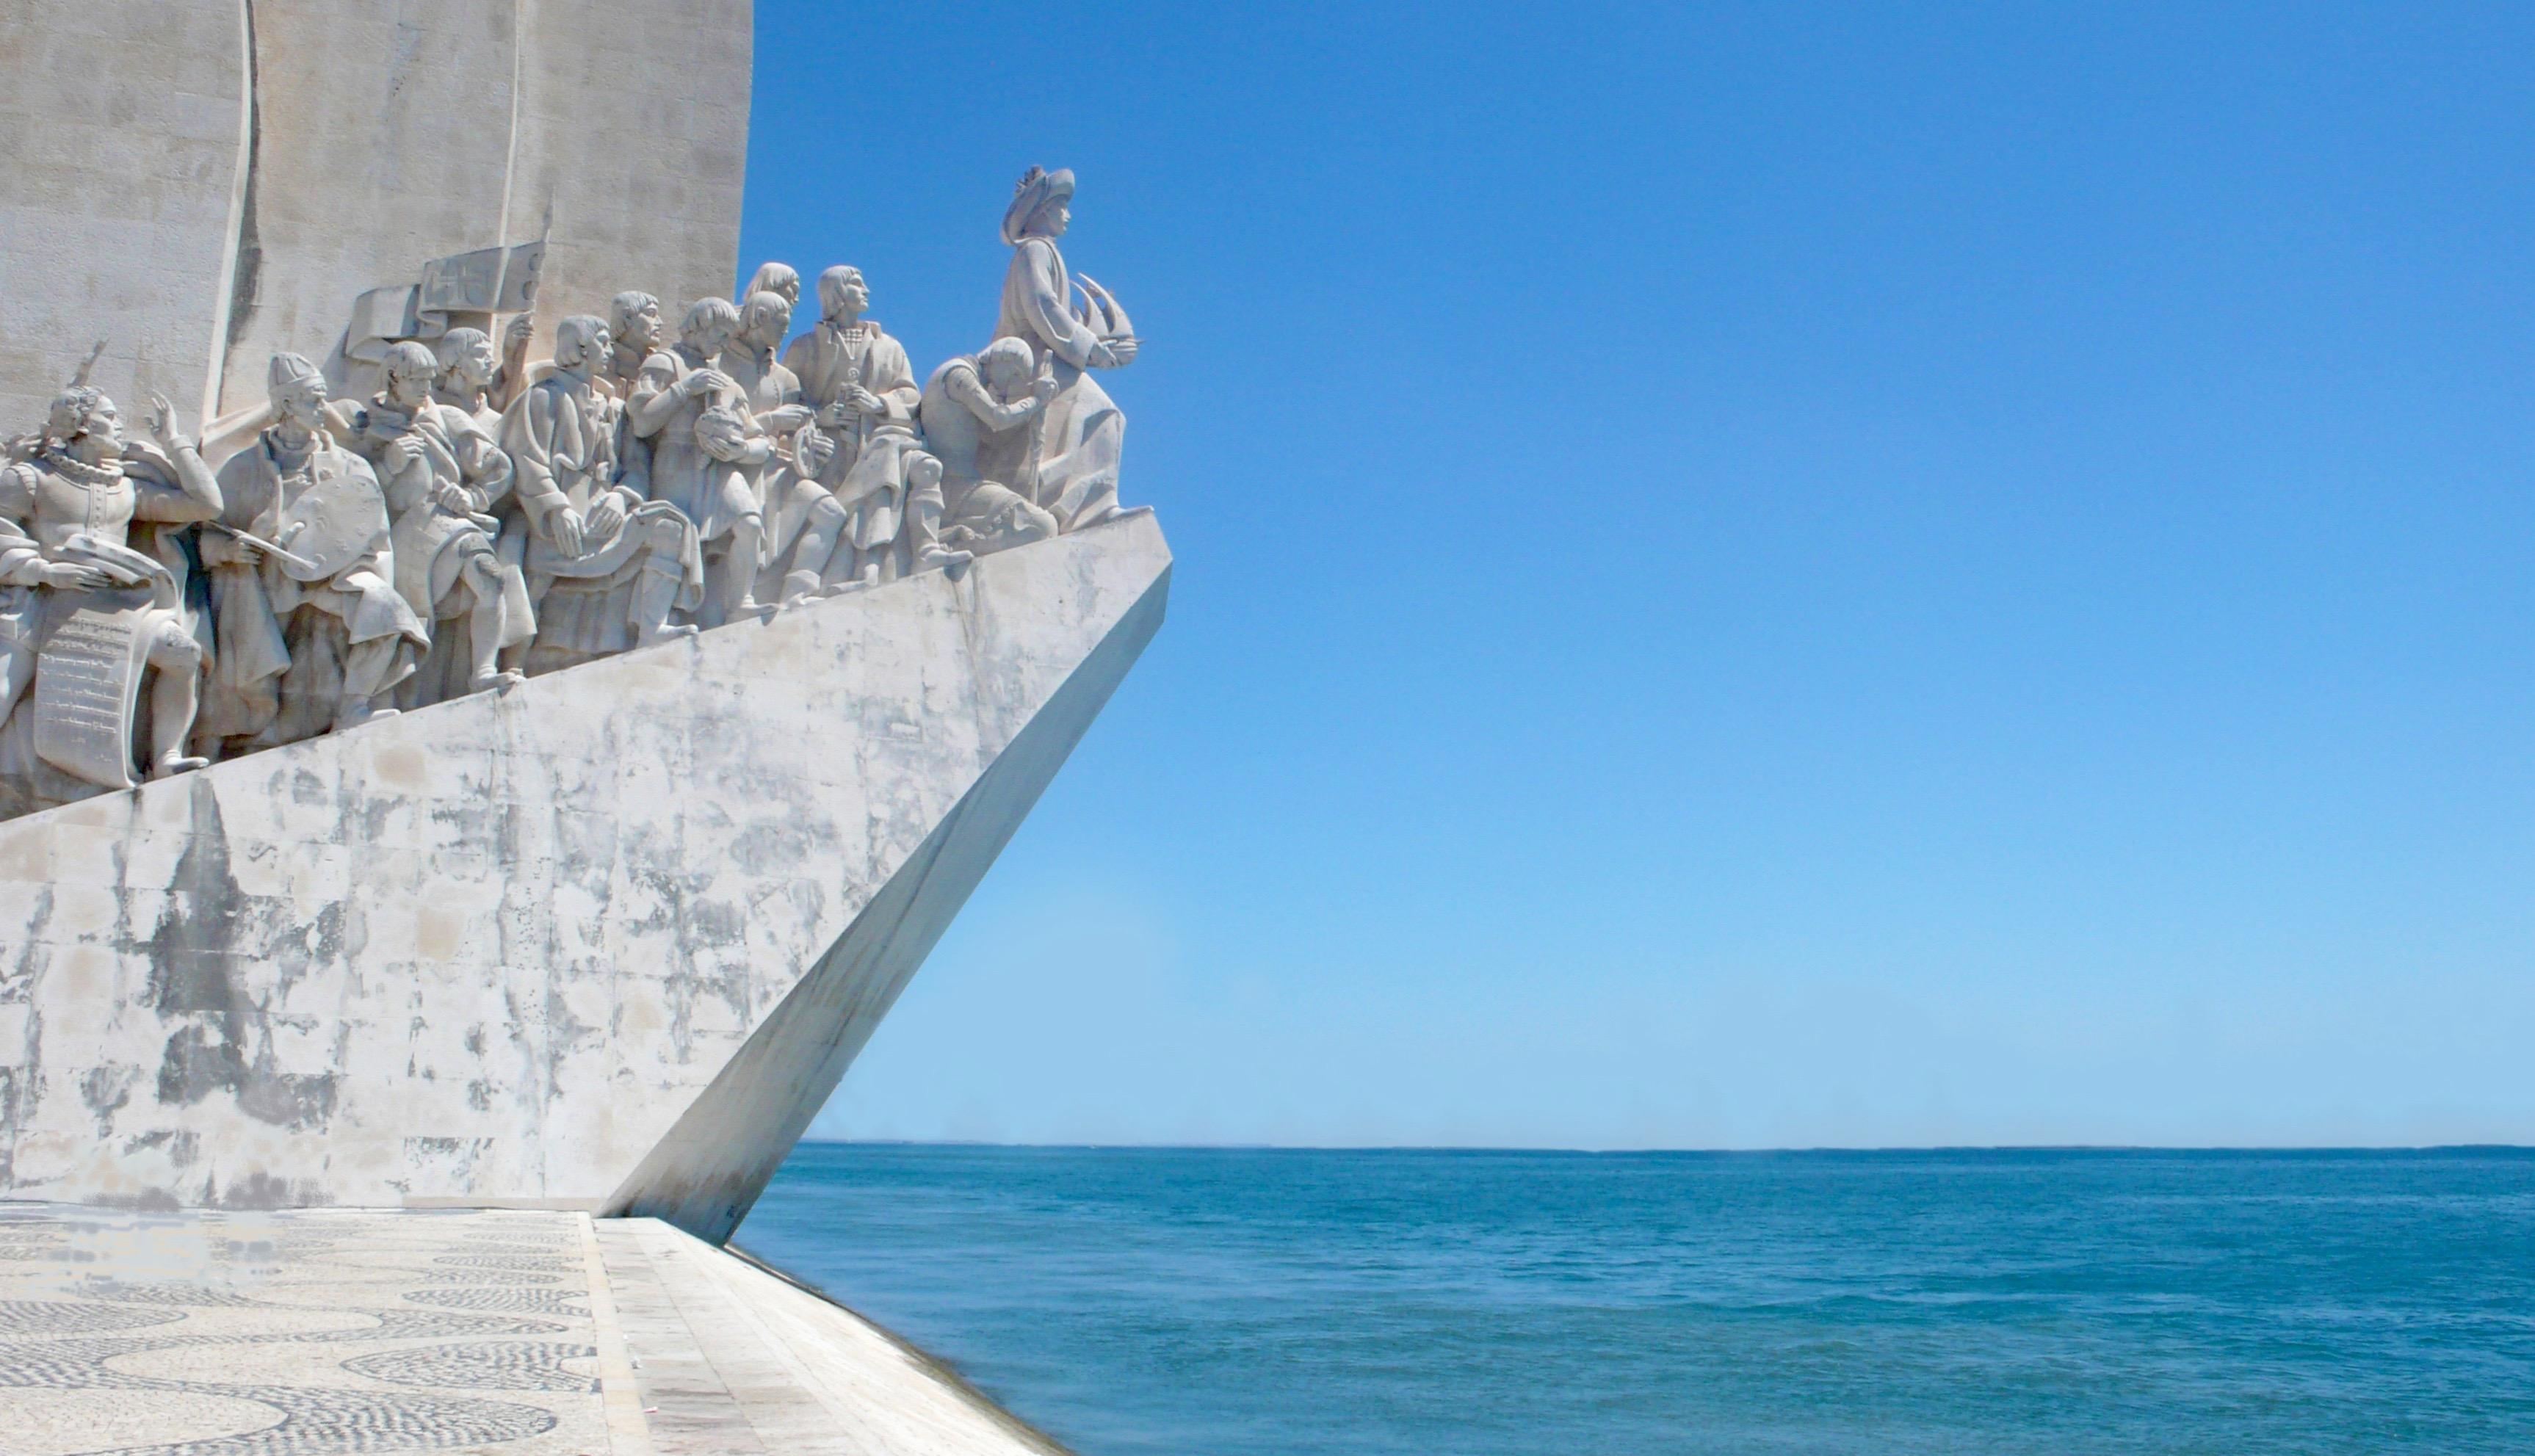 Du quai de Belém à Lisbonne partait les explorateurs du XVème siècle vers les nouveaux mondes. Publicom vous invite à en découvrir de nouveaux.